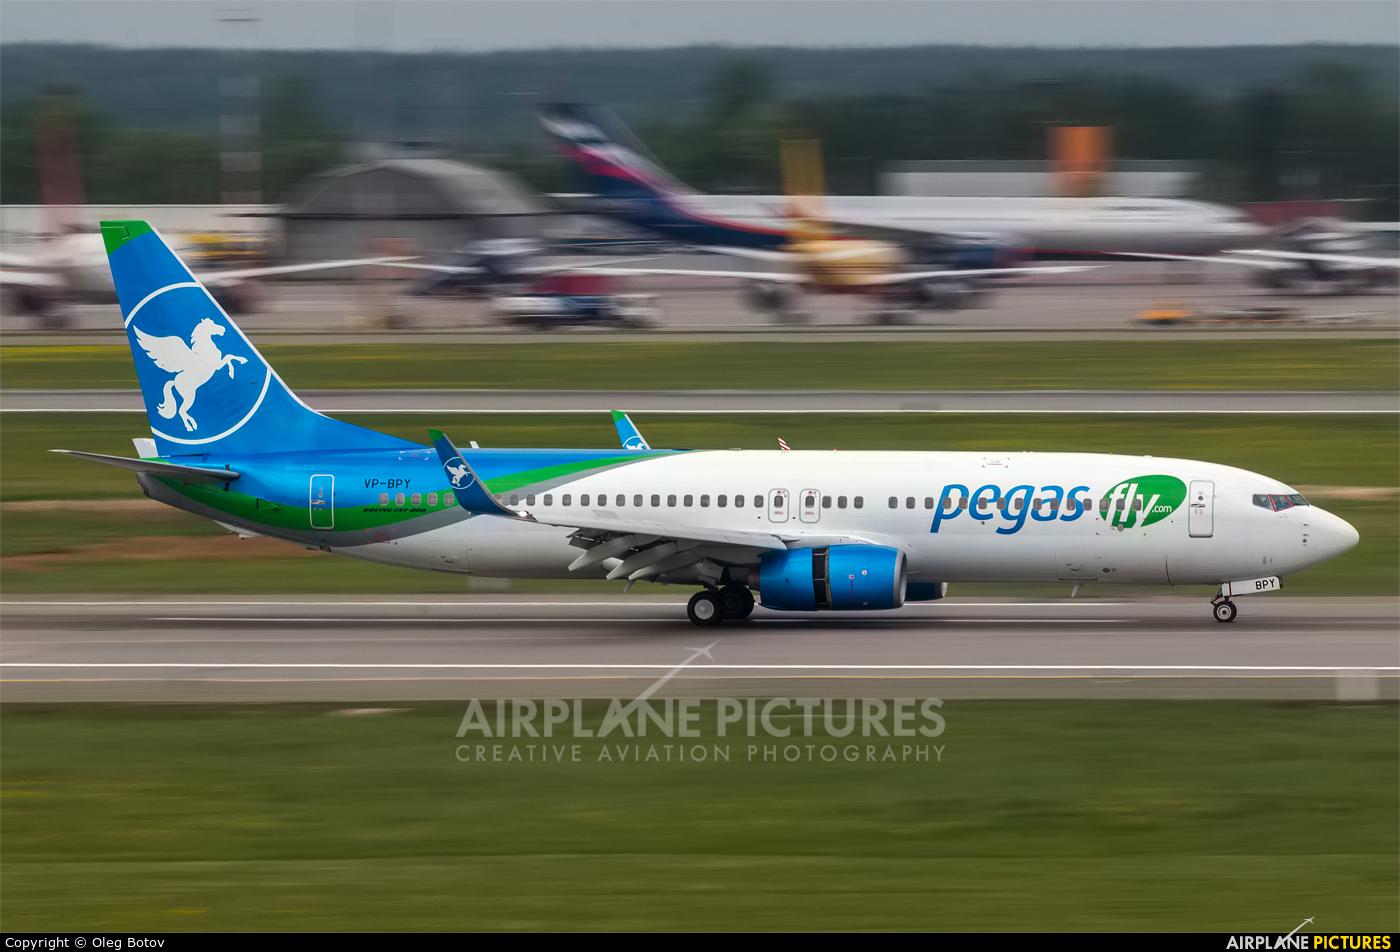 Pegas VP-BPY aircraft at Moscow - Sheremetyevo